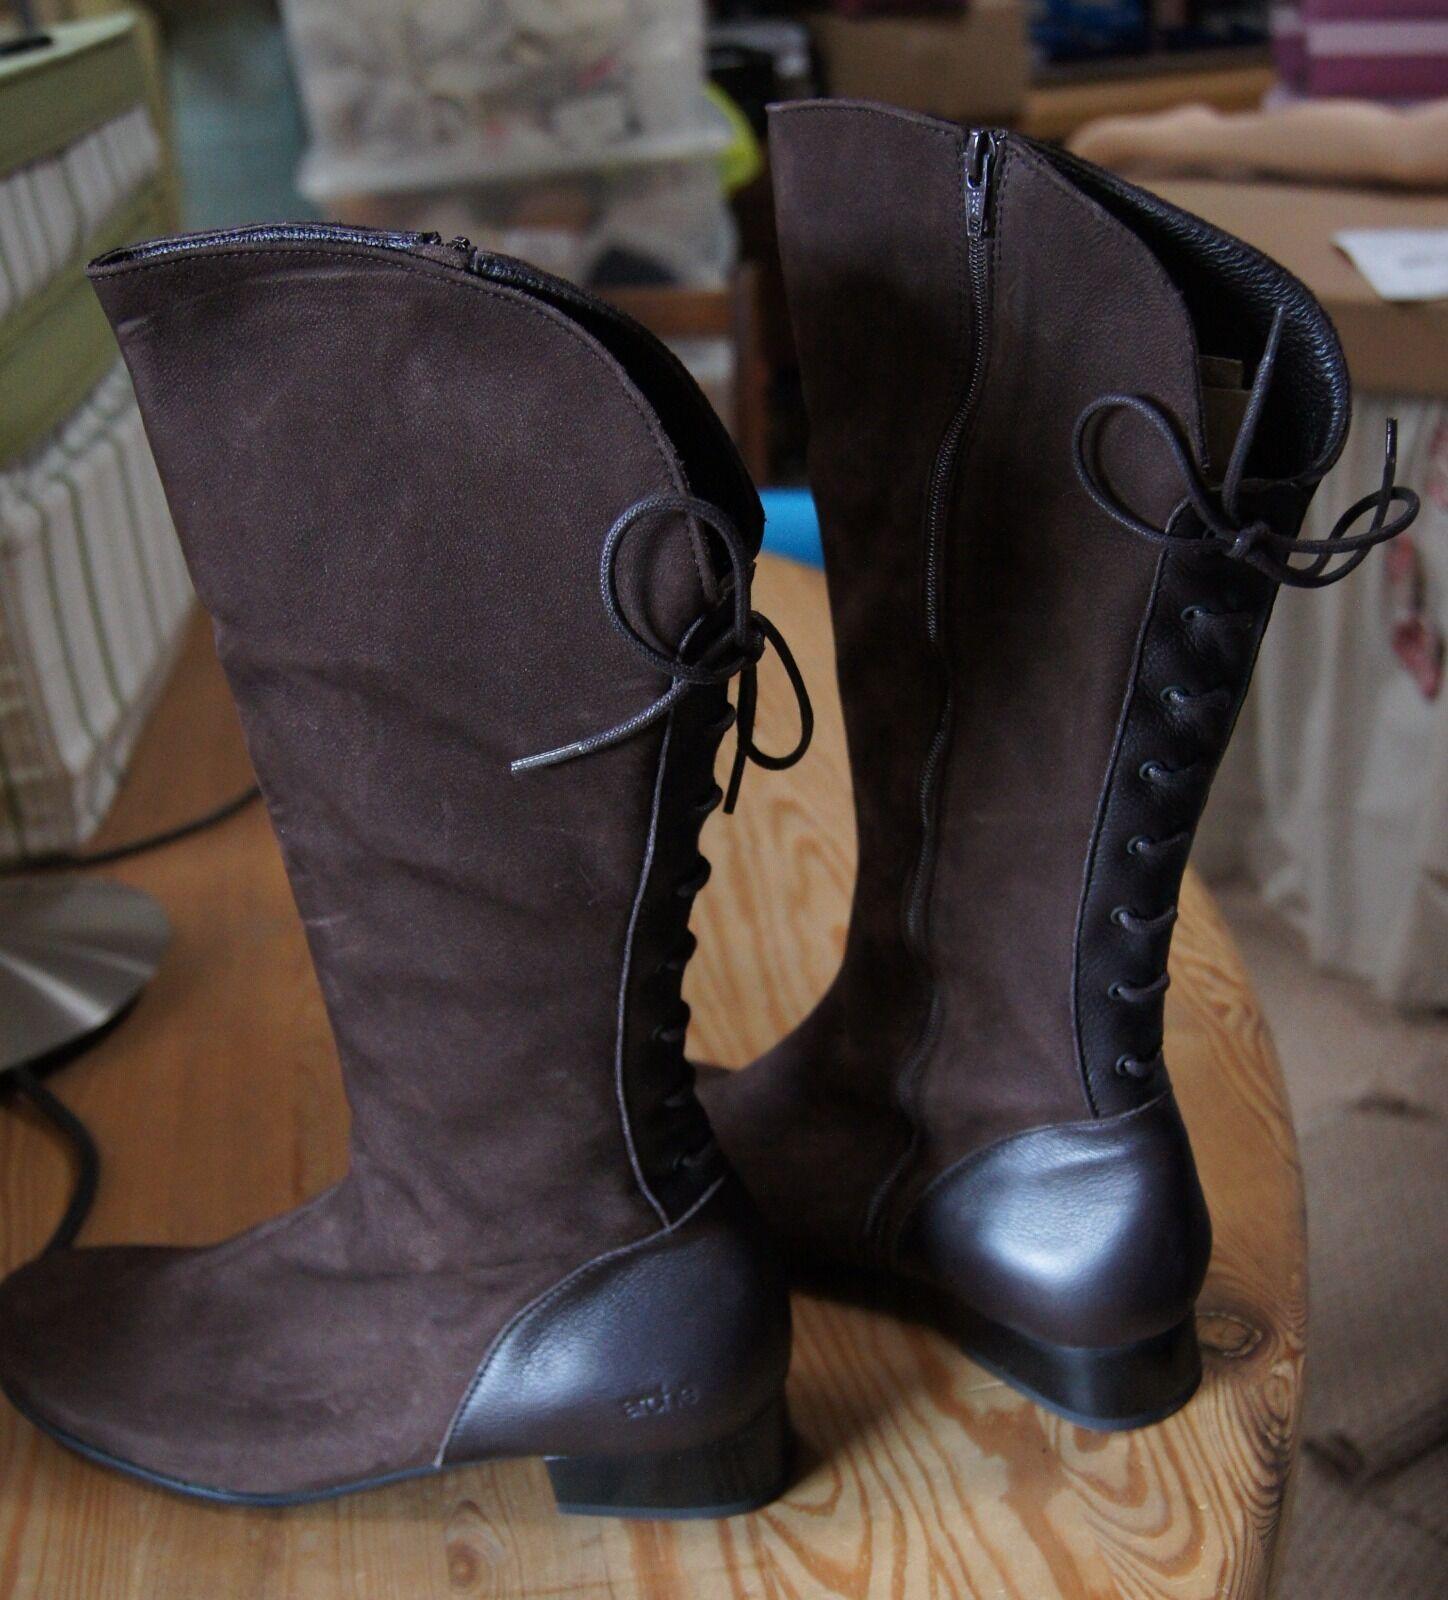 Arche Arche Arche Vero Café Knee hög klacked Boot mocka och läder.  försäljning online rabatt lågt pris